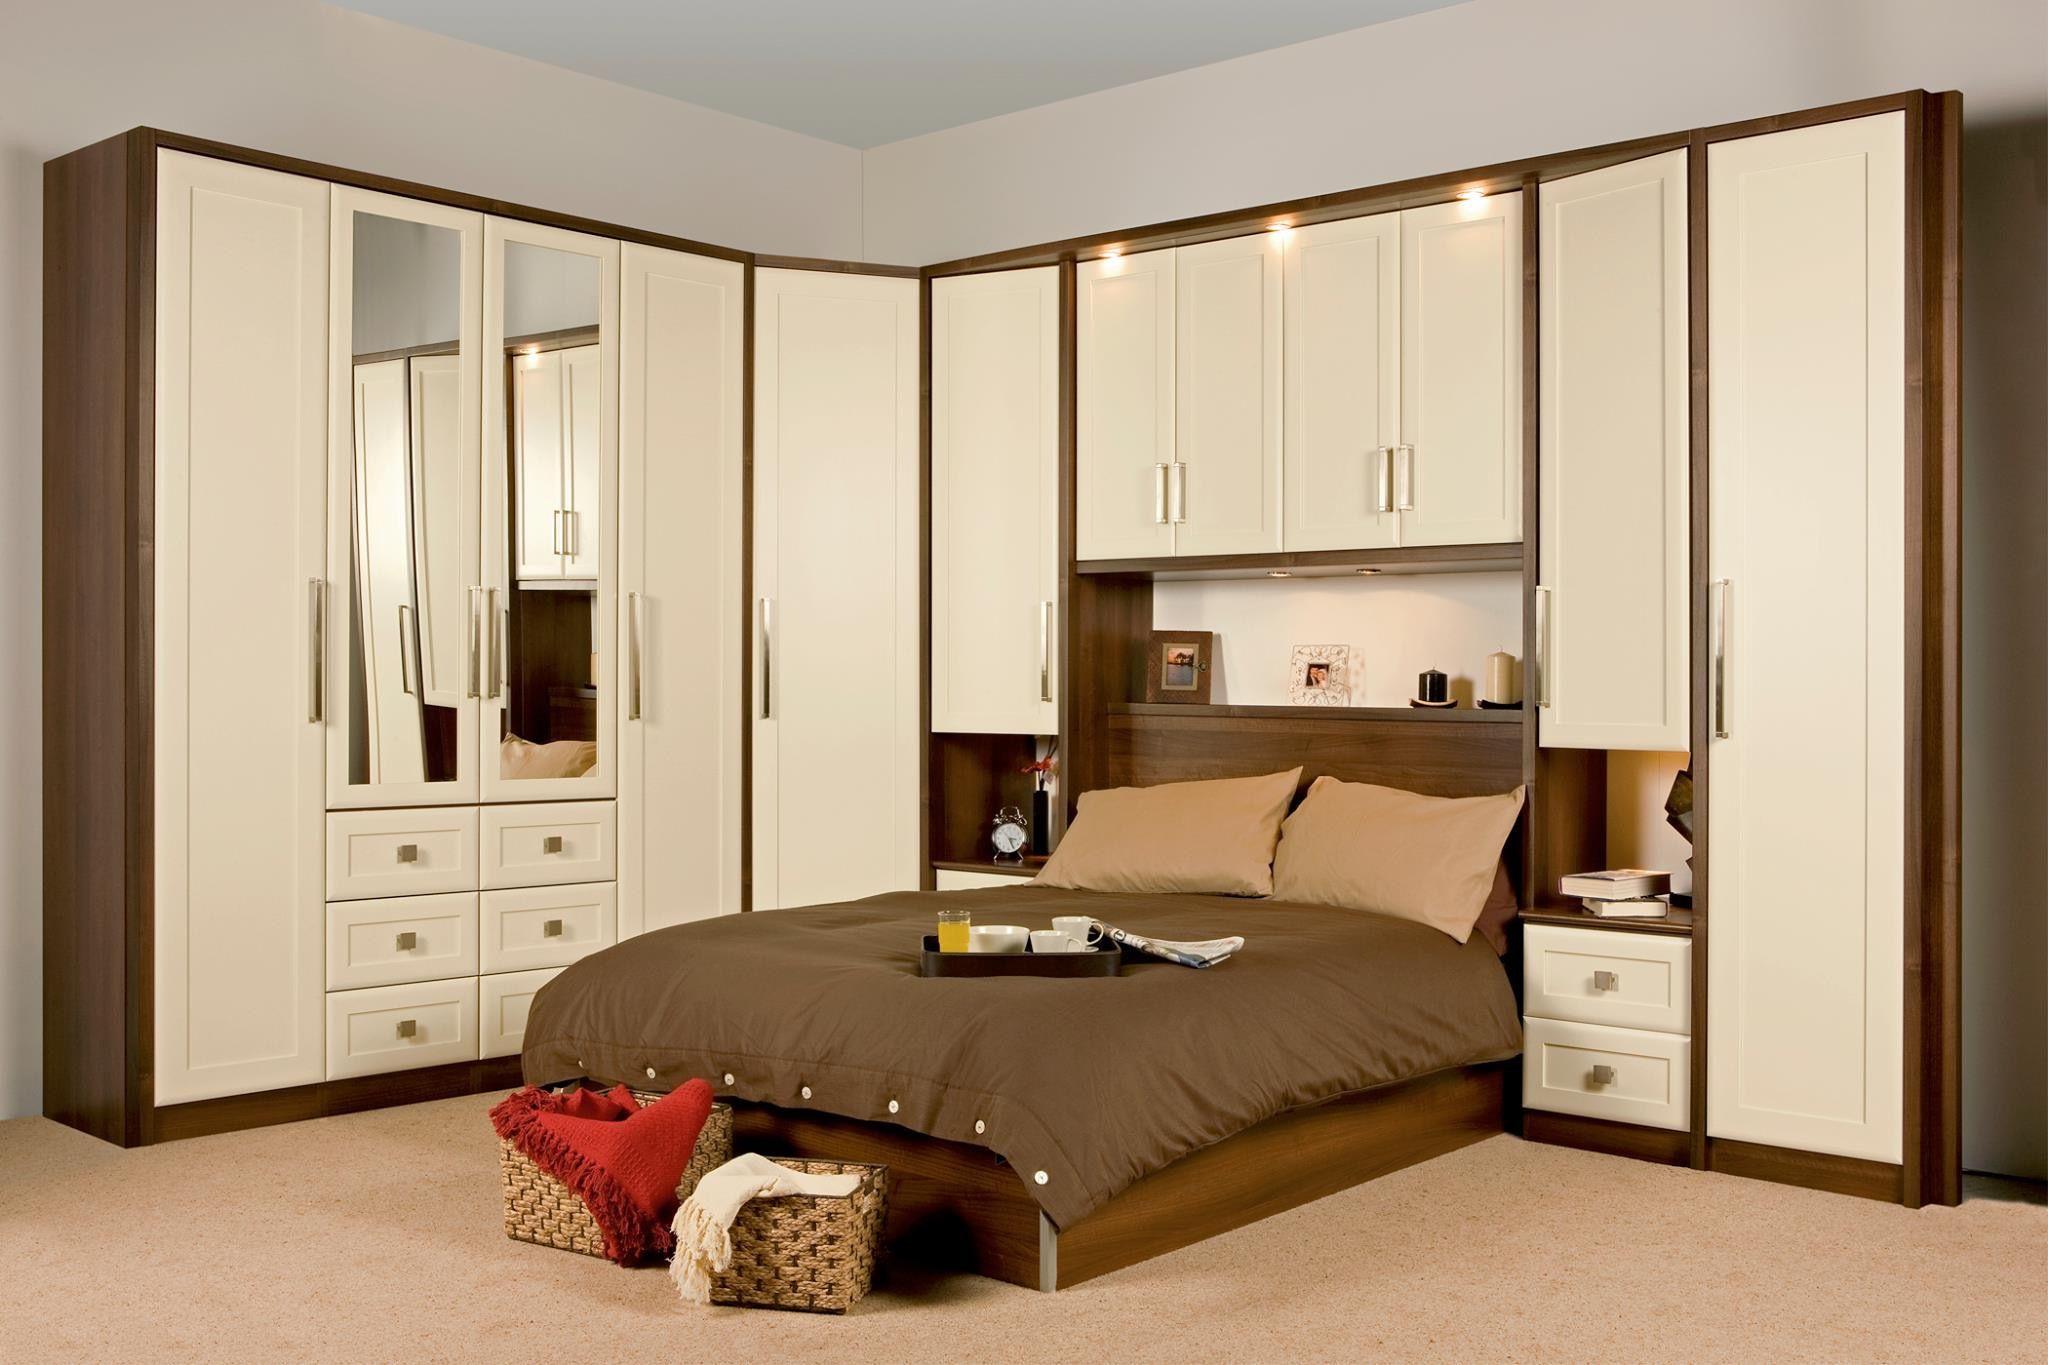 Kleiderschrank Entwürfe Für Schlafzimmer Einbauschrank